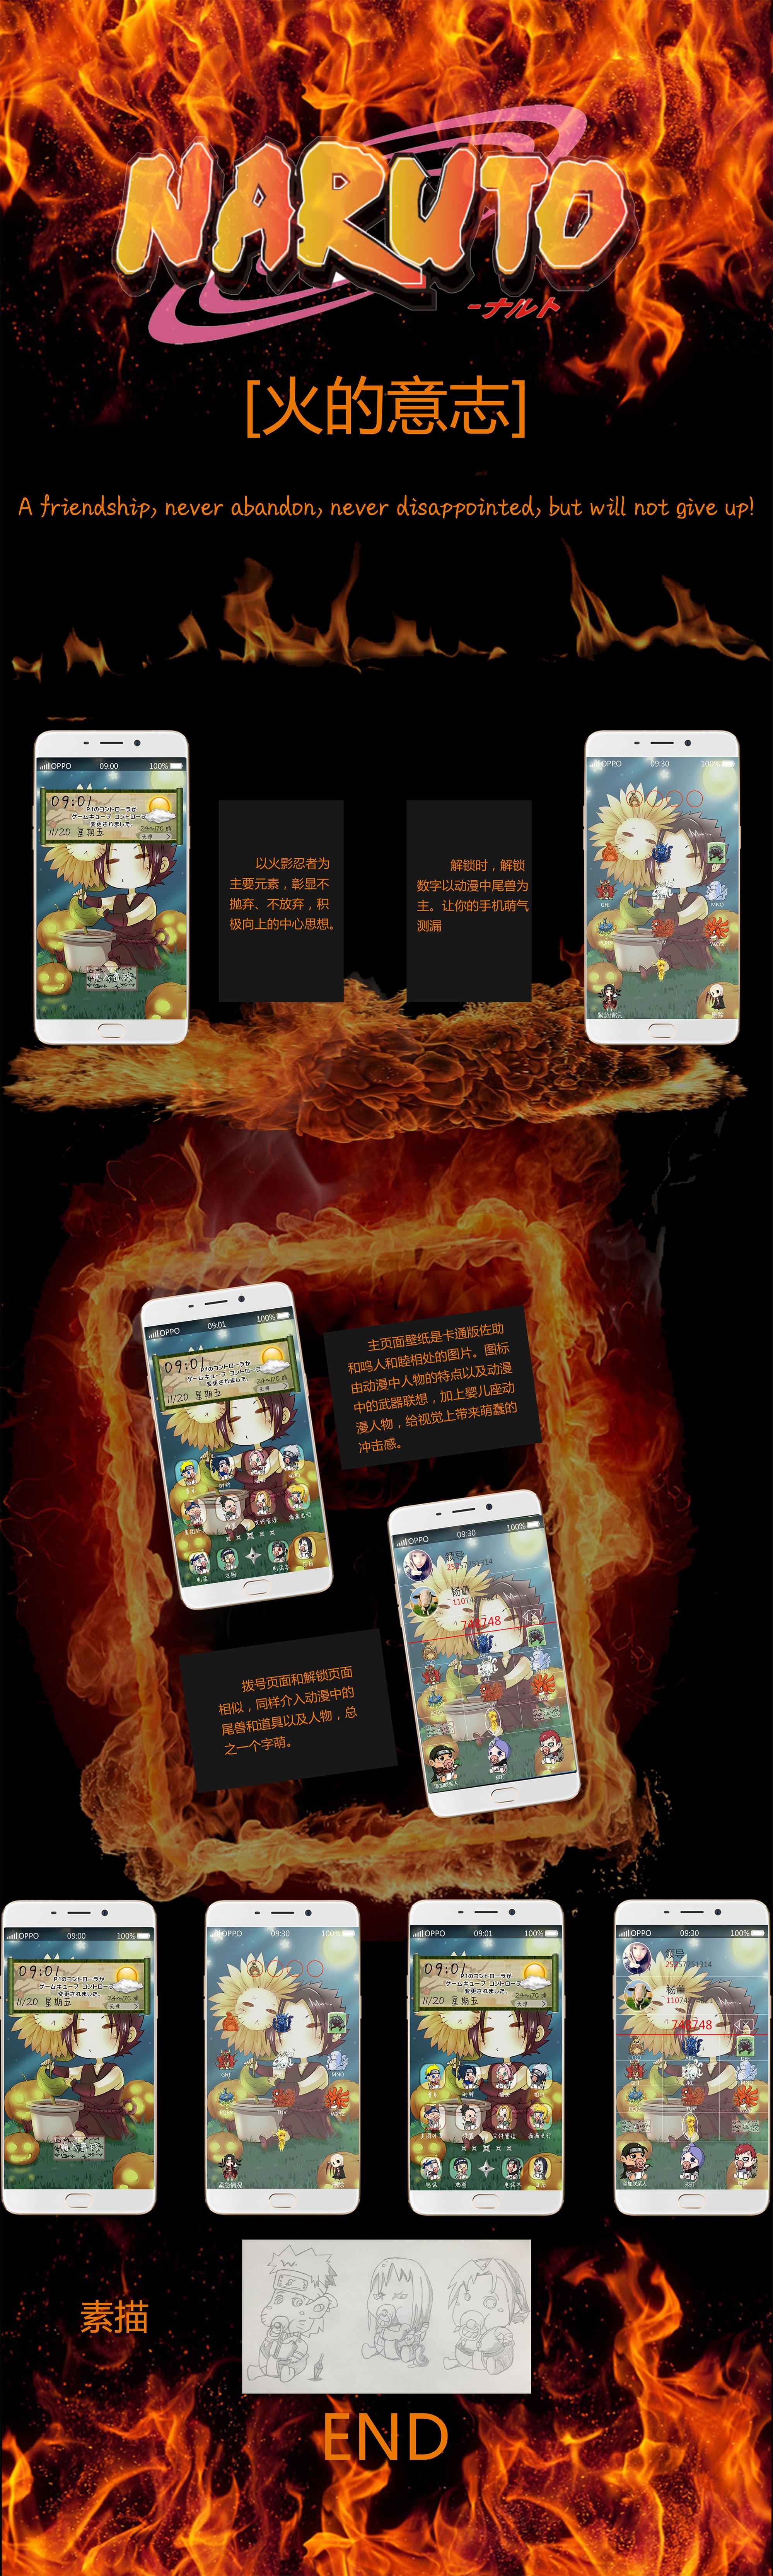 乱伦av综合网_按摩时男技师操女客人与妈妈的极乐乱伦火影美女包射图漫画自拍偷拍